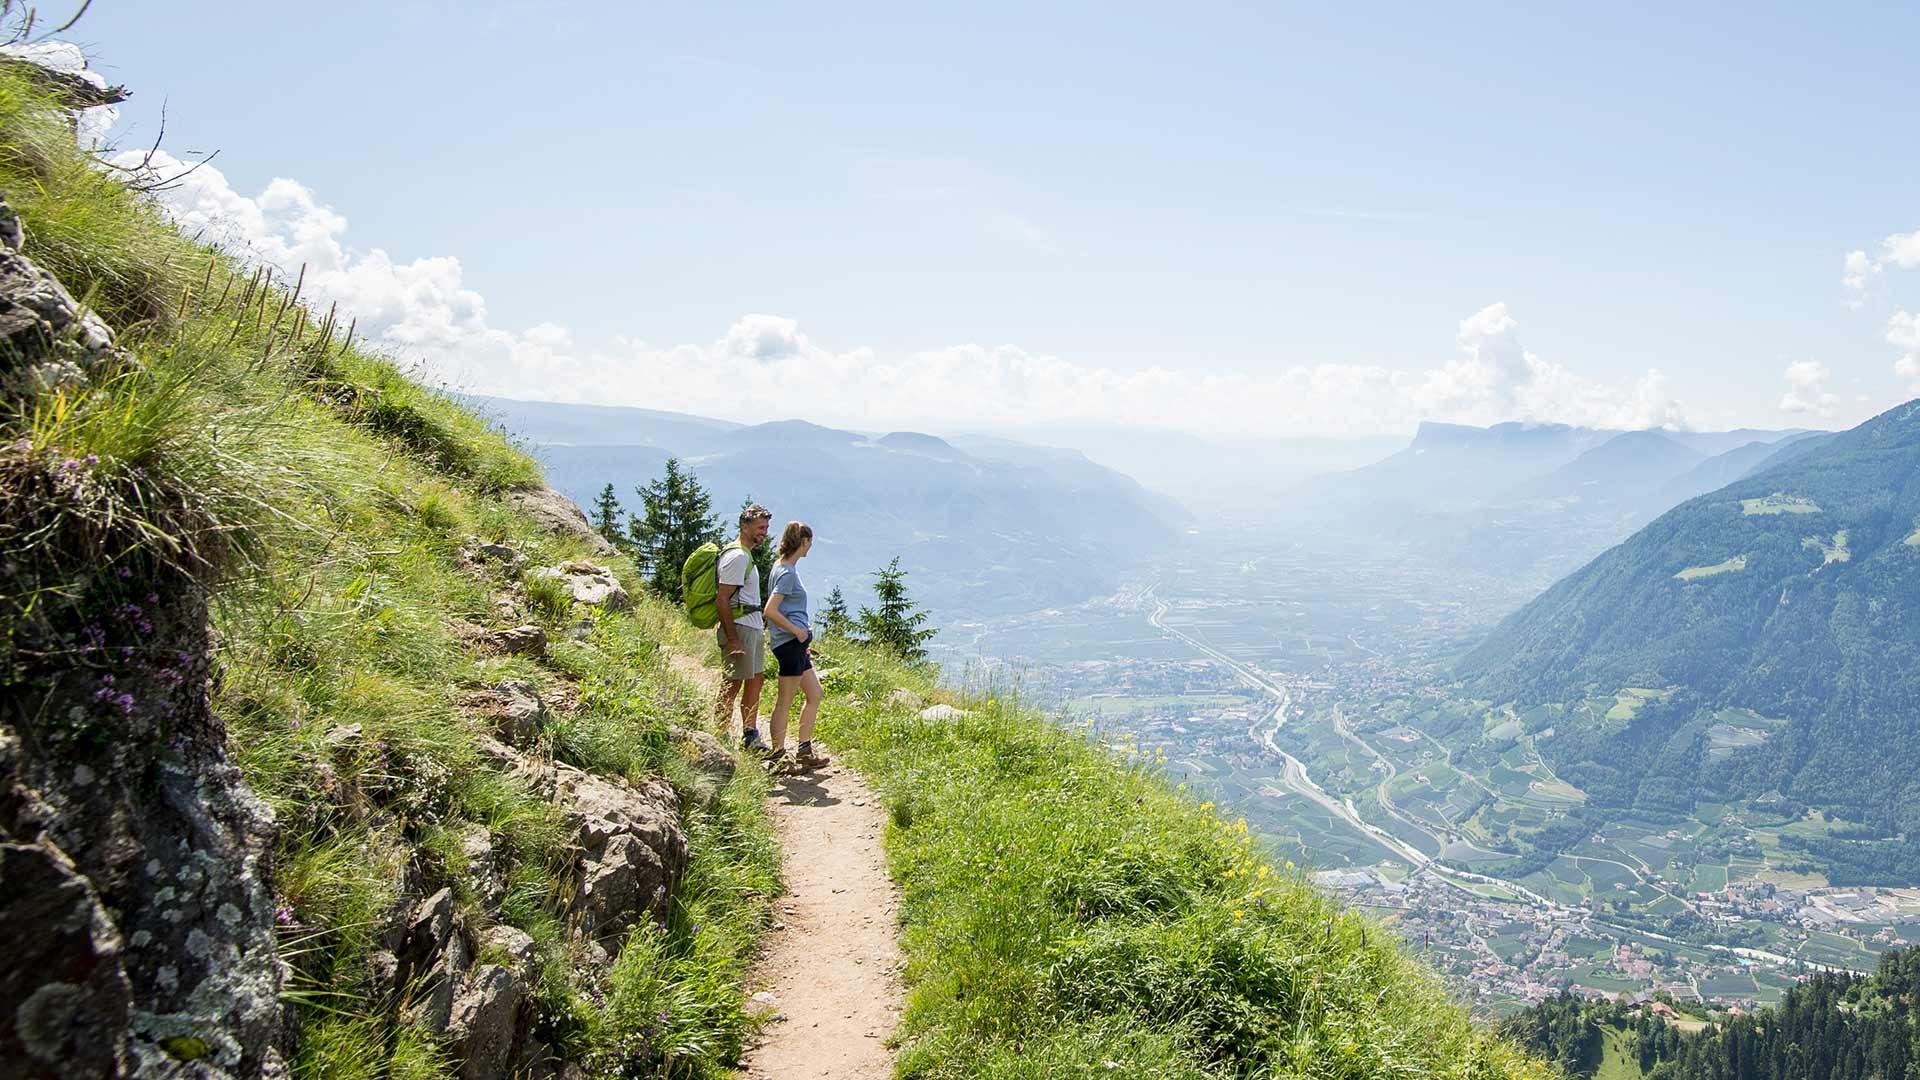 L'Alta Via di Merano nel Parco Naturale Gruppo di Tessa